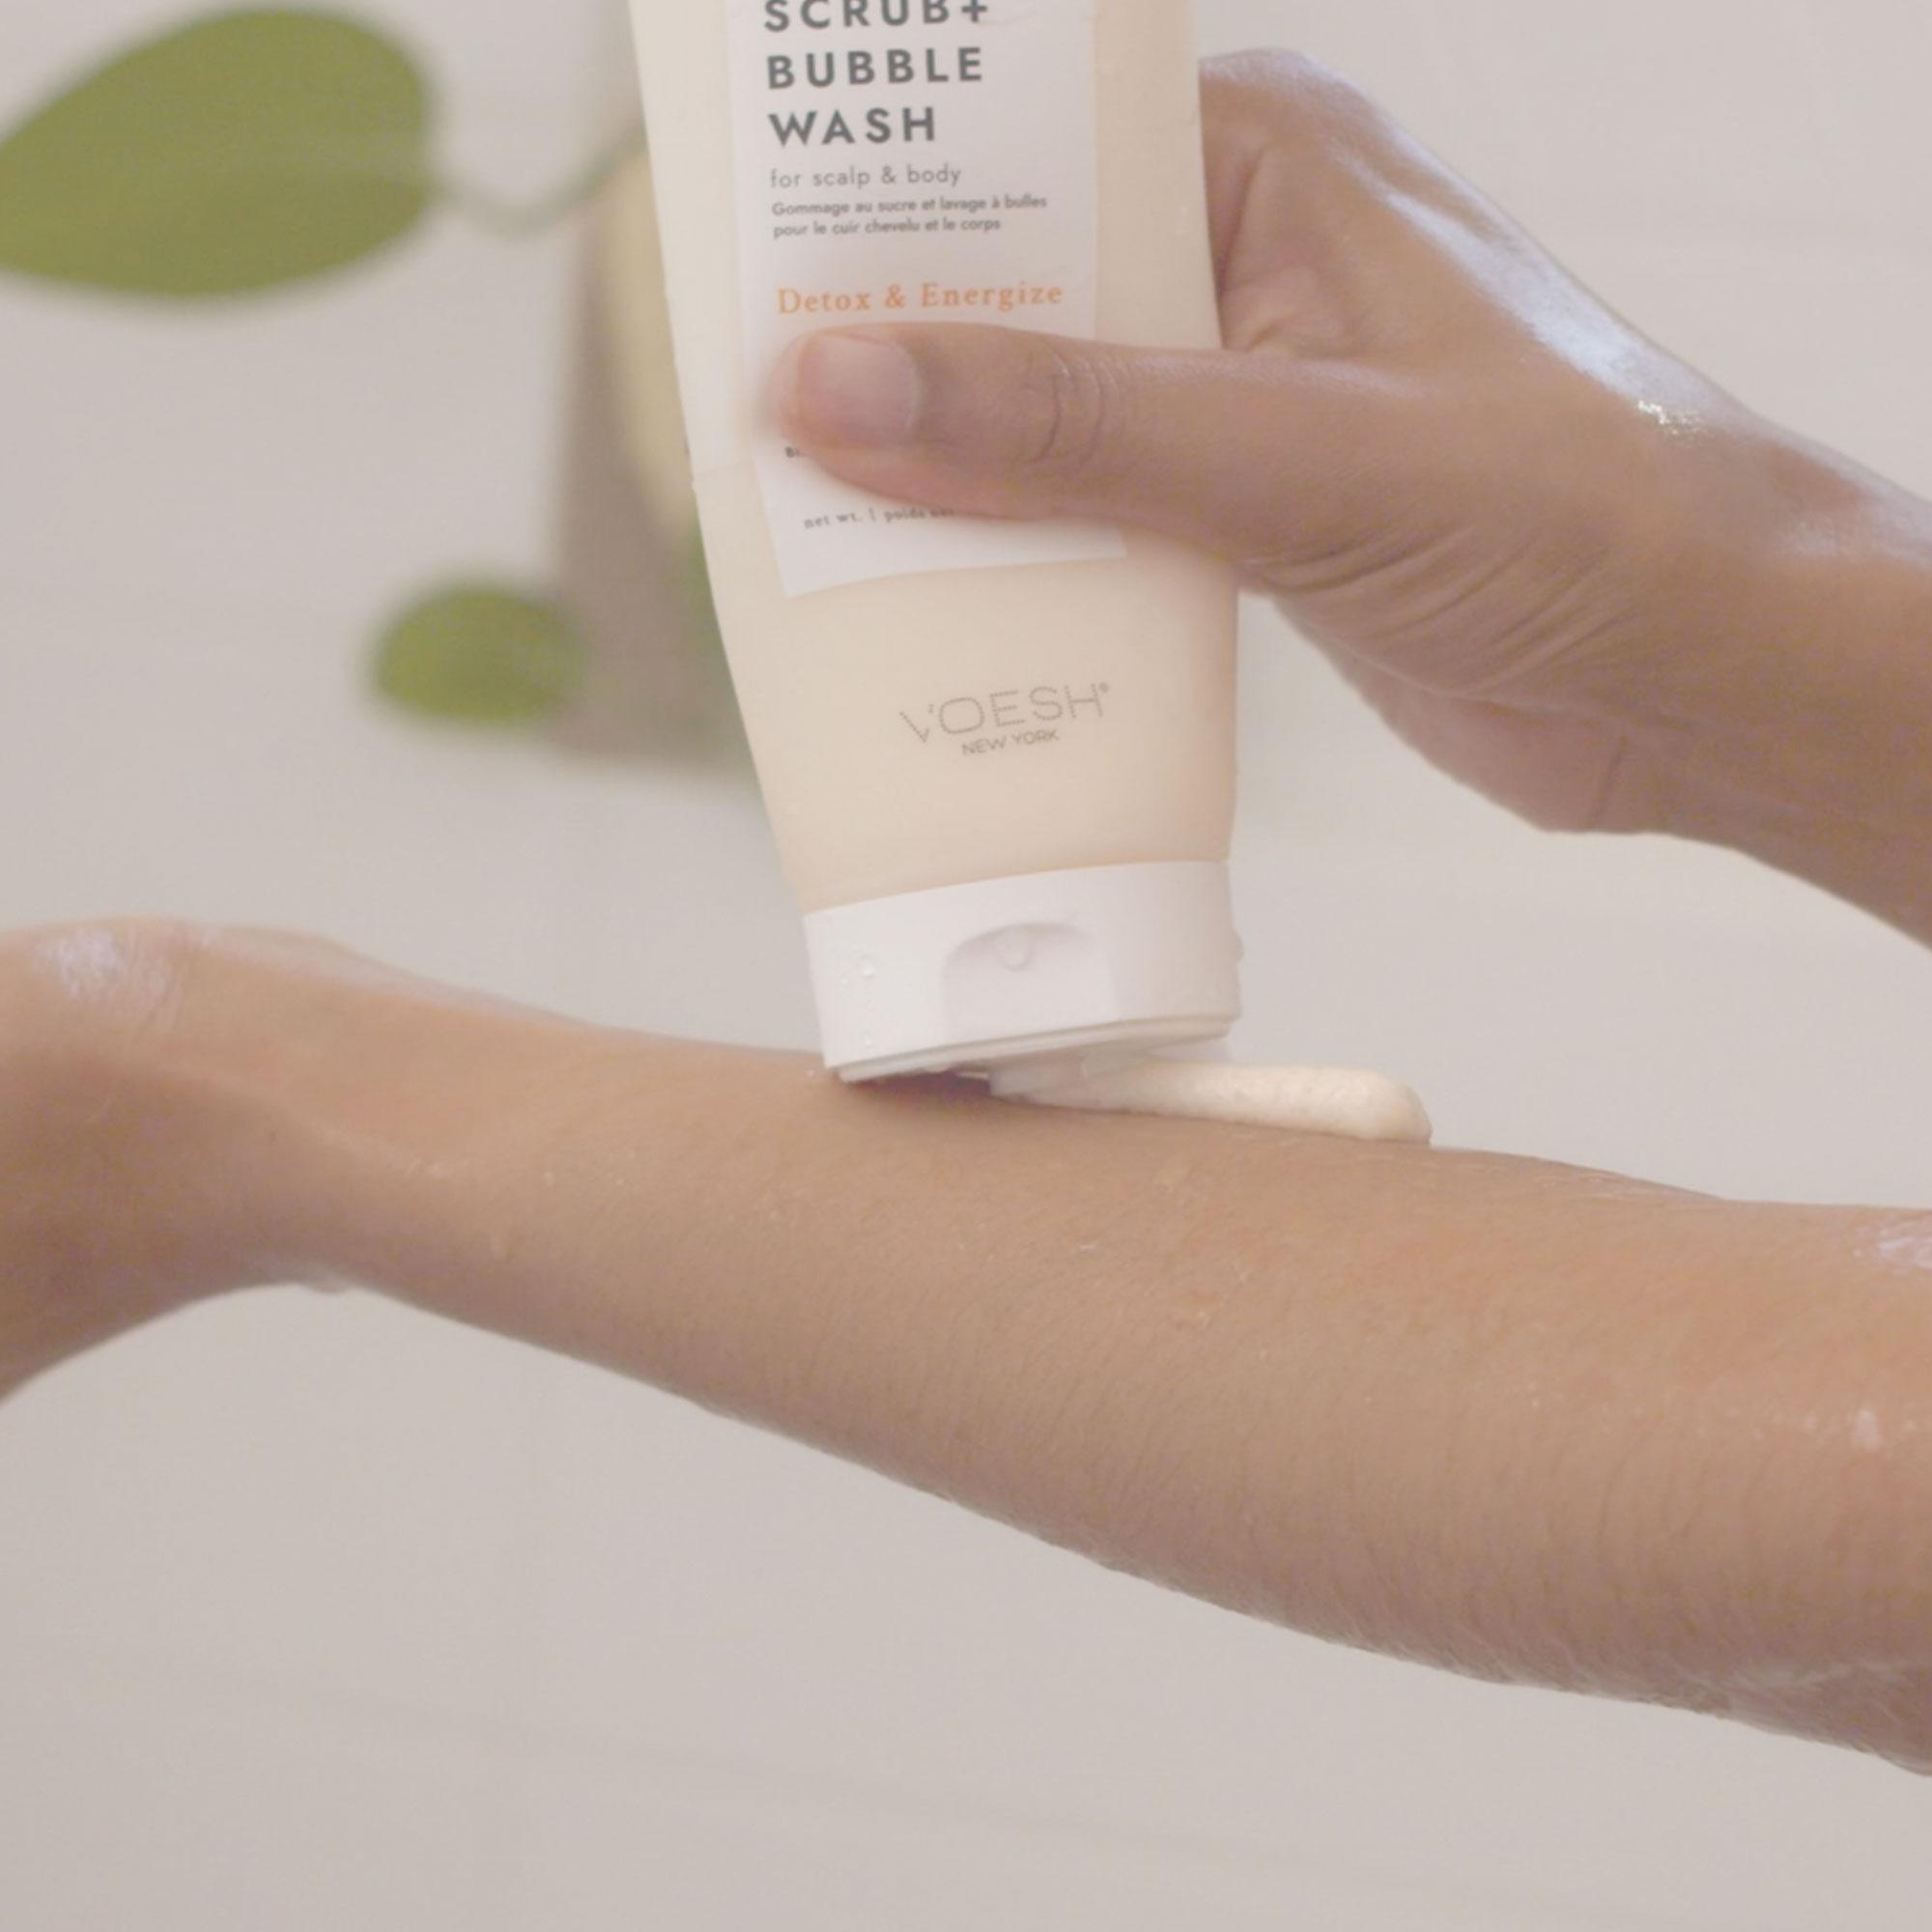 Citrus Crush Sugar Scrub + Bubble Wash For Scalp & Body